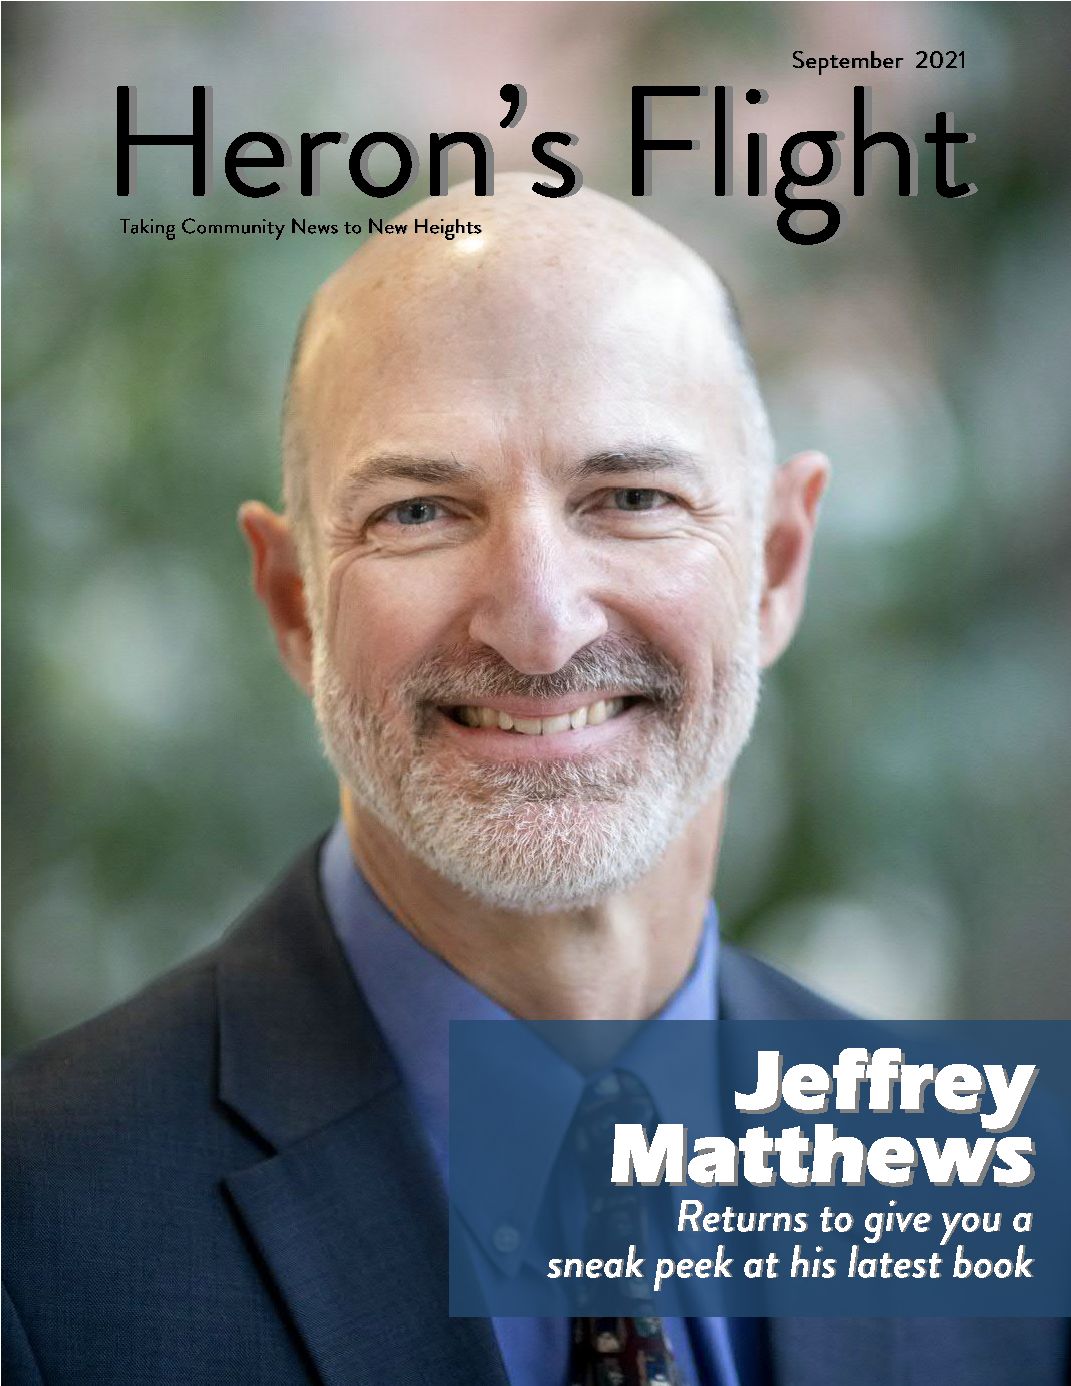 Heron's Key September 2021 Newsletter